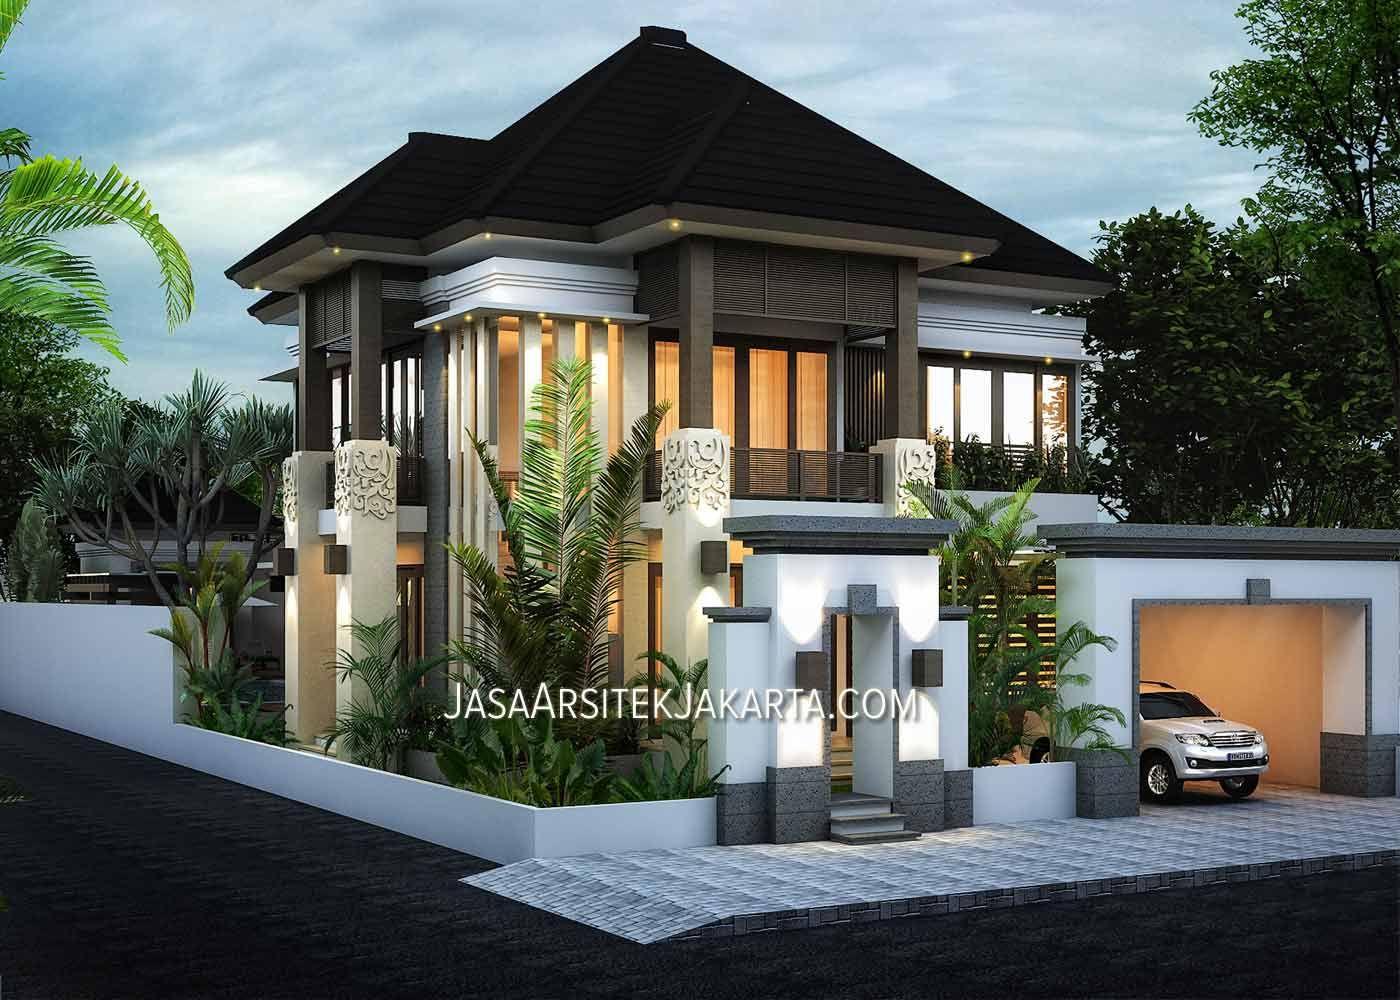 Desain Rumah Luas  Lantai Dari Jasa Arsitek Jakarta